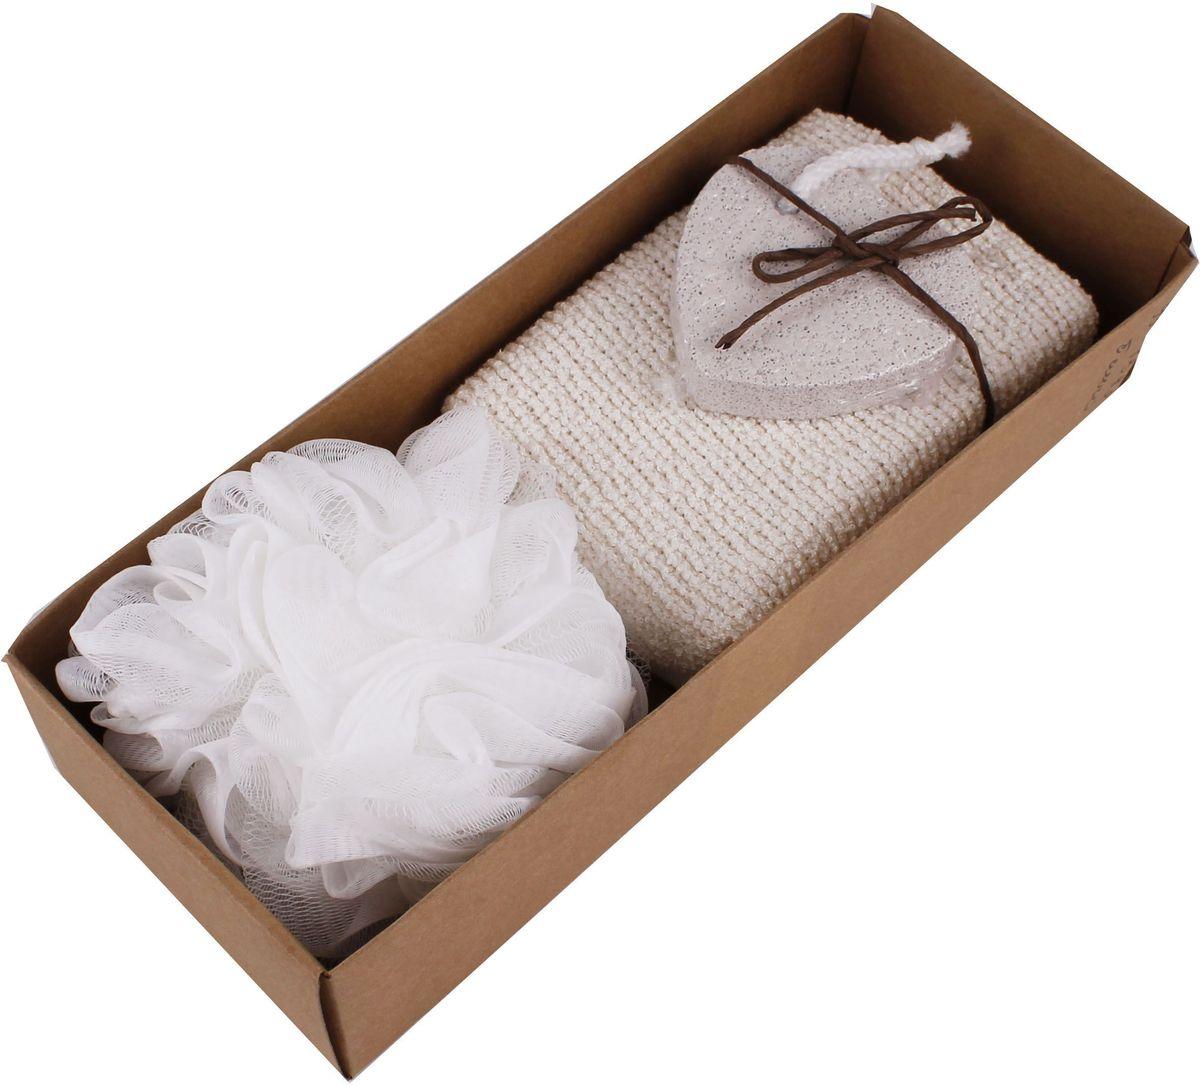 Набор банных аксессуаров Patricia, 3 предмета, цвет: белый. IM99-1342/2IM99-1342/2Набор банных аксессуаров Patricia включает в себя 3 предмета:- мочалка-губка (11,5 х 10 см), выполненная из синтетического материала; - мочалка (12 х 9 х 4 см) - хлопковый шенил;- пемза (7 х 6,5 см).Такой набор станет не заменимым и сделает банную процедуру еще более комфортной.